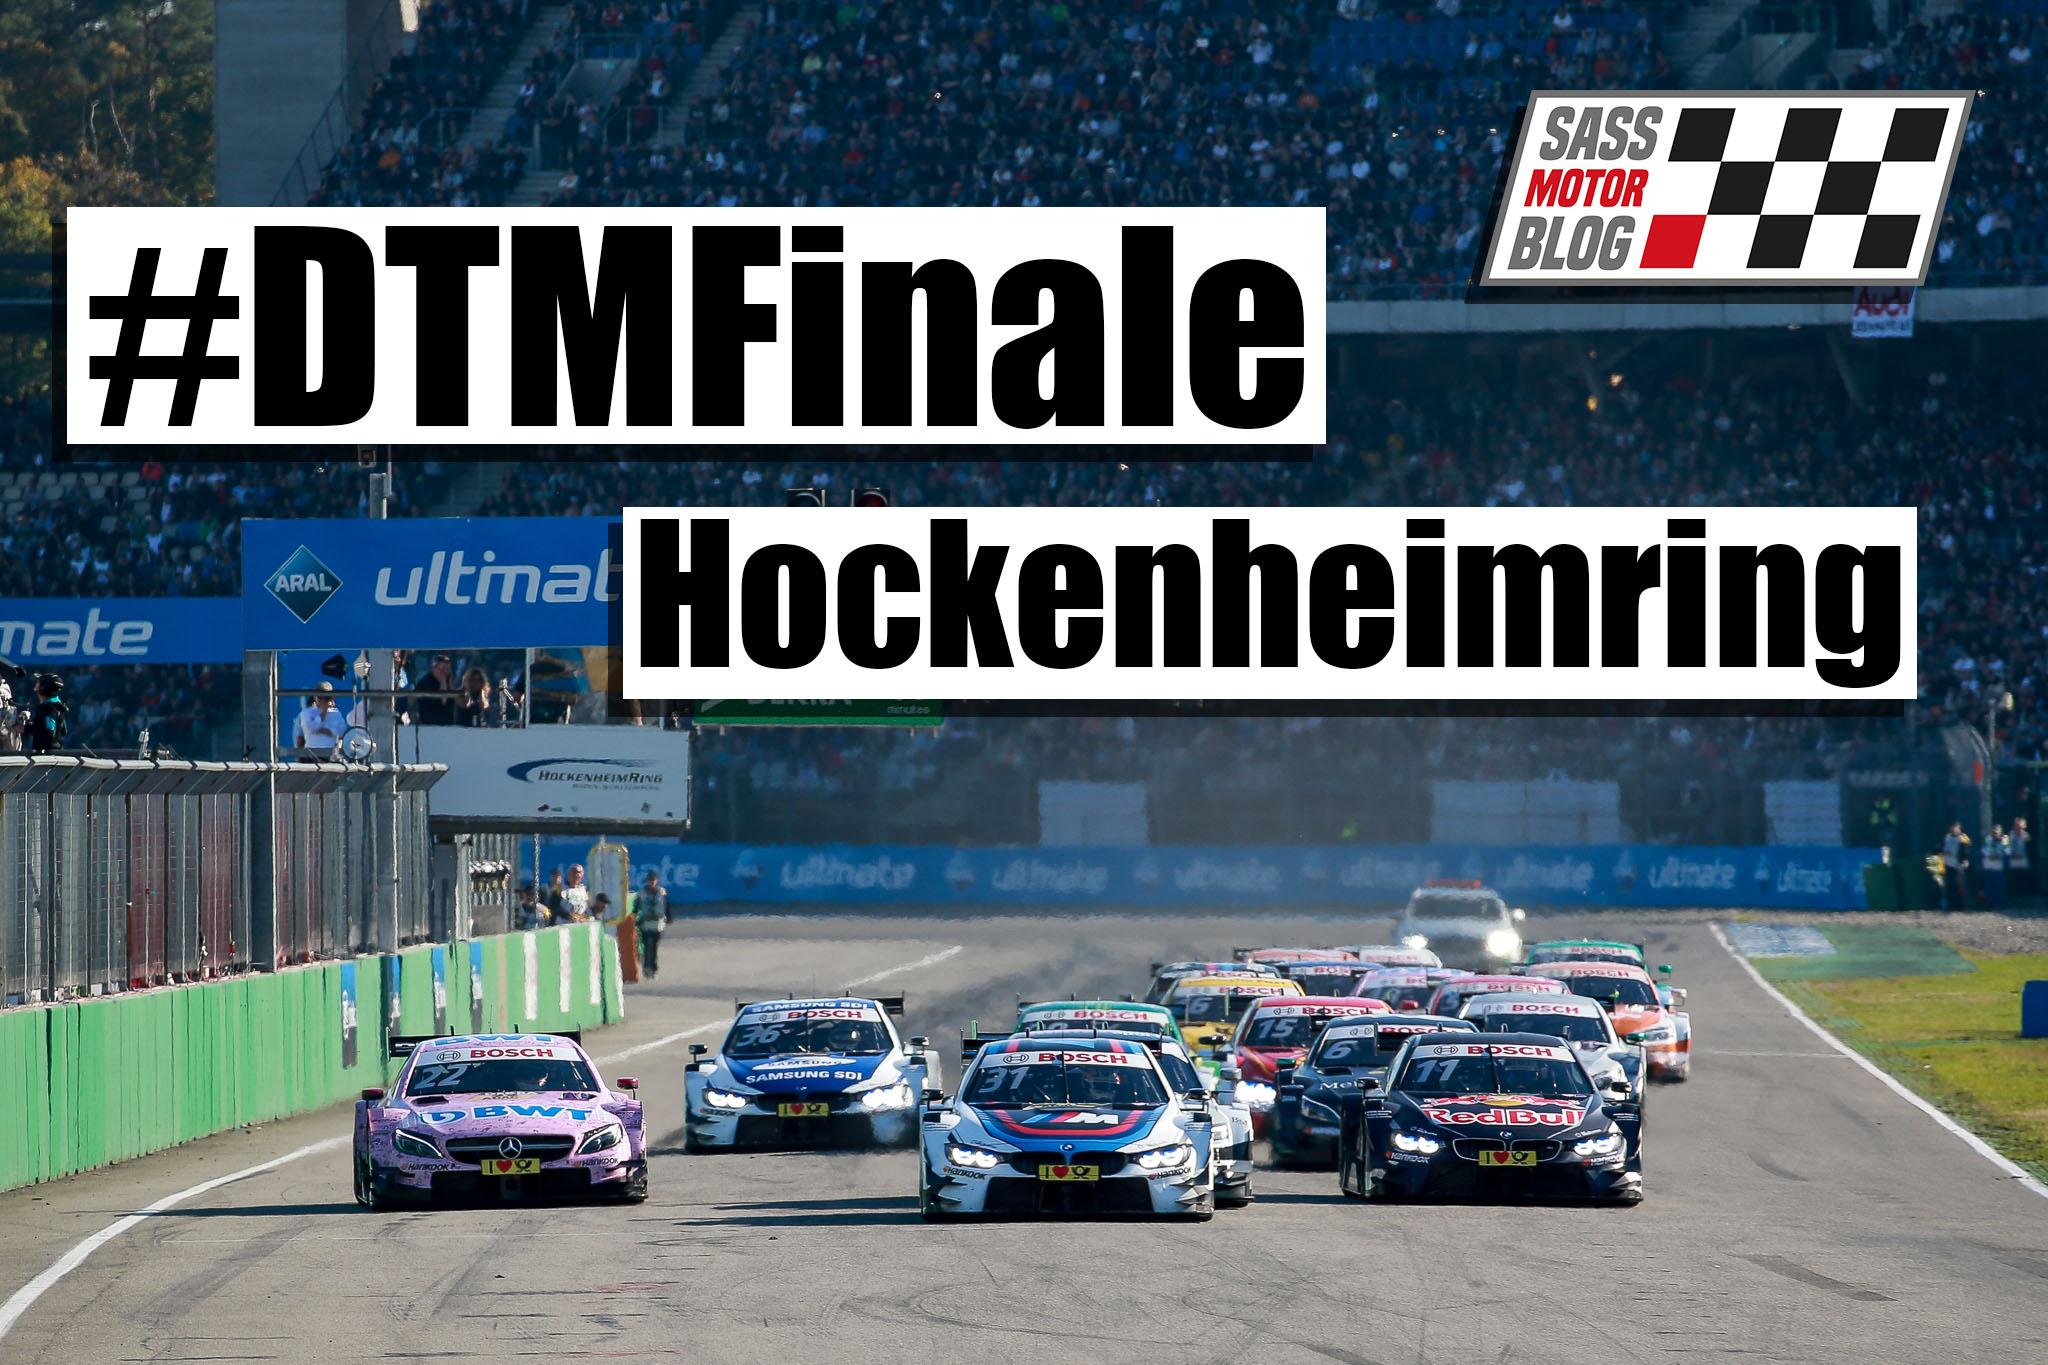 Foto : Hockenheimring GmbH / Torsten Karpf